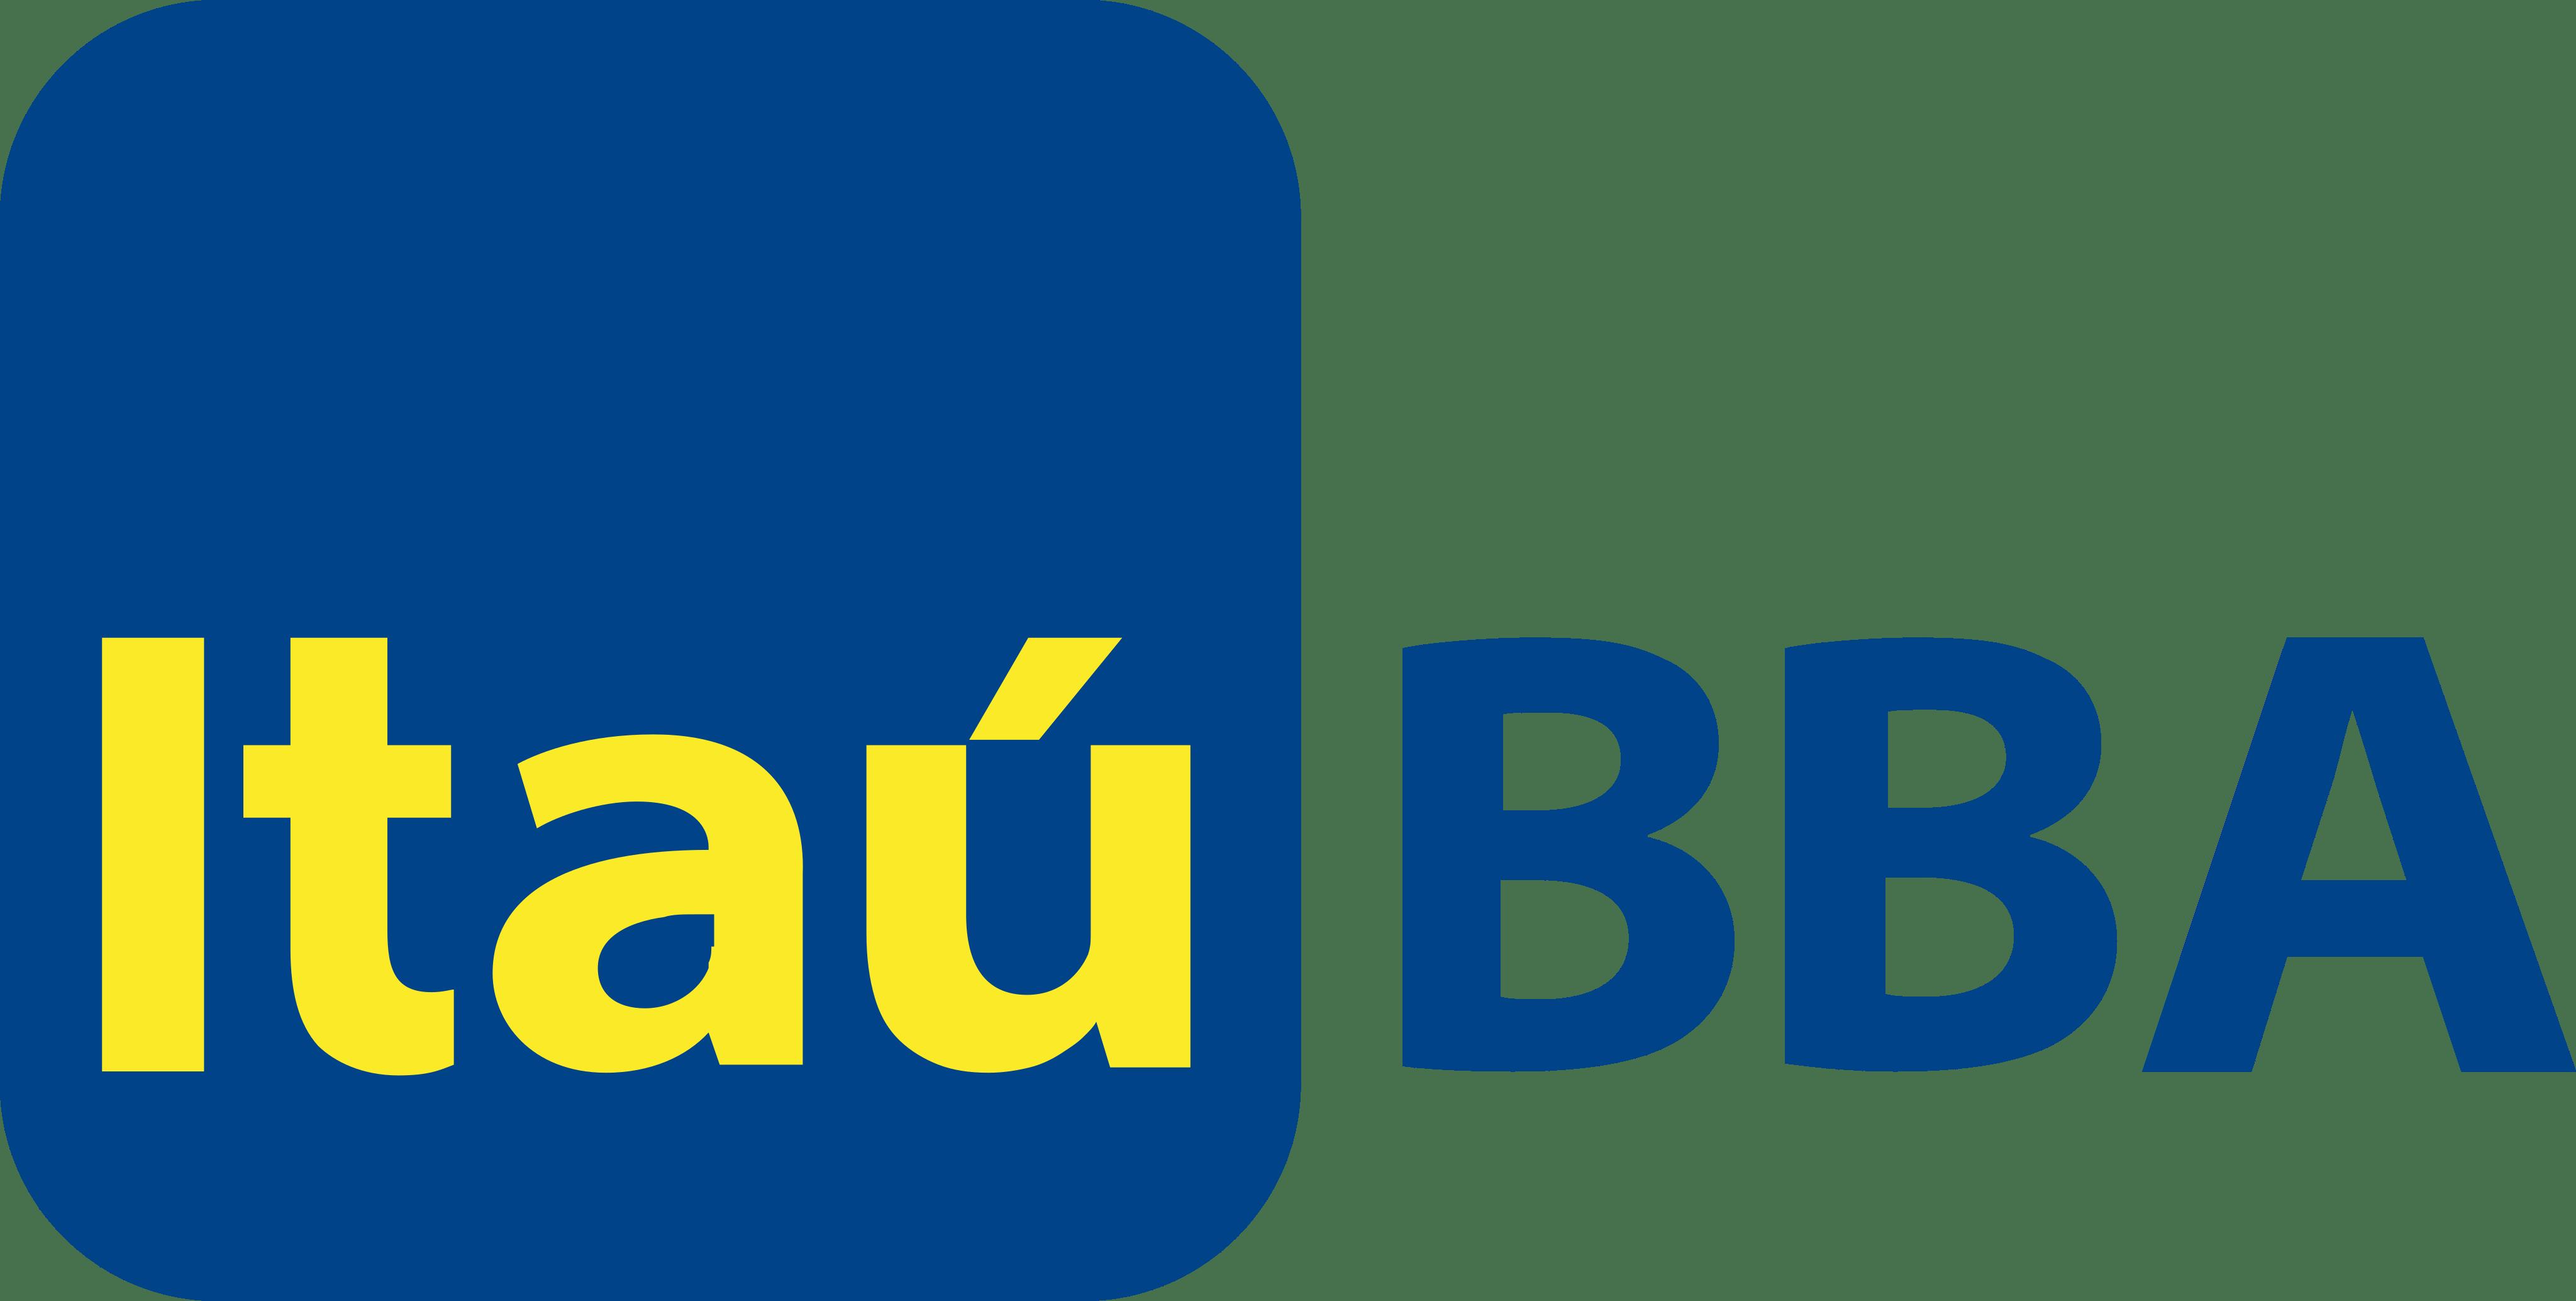 itau-bba-logo